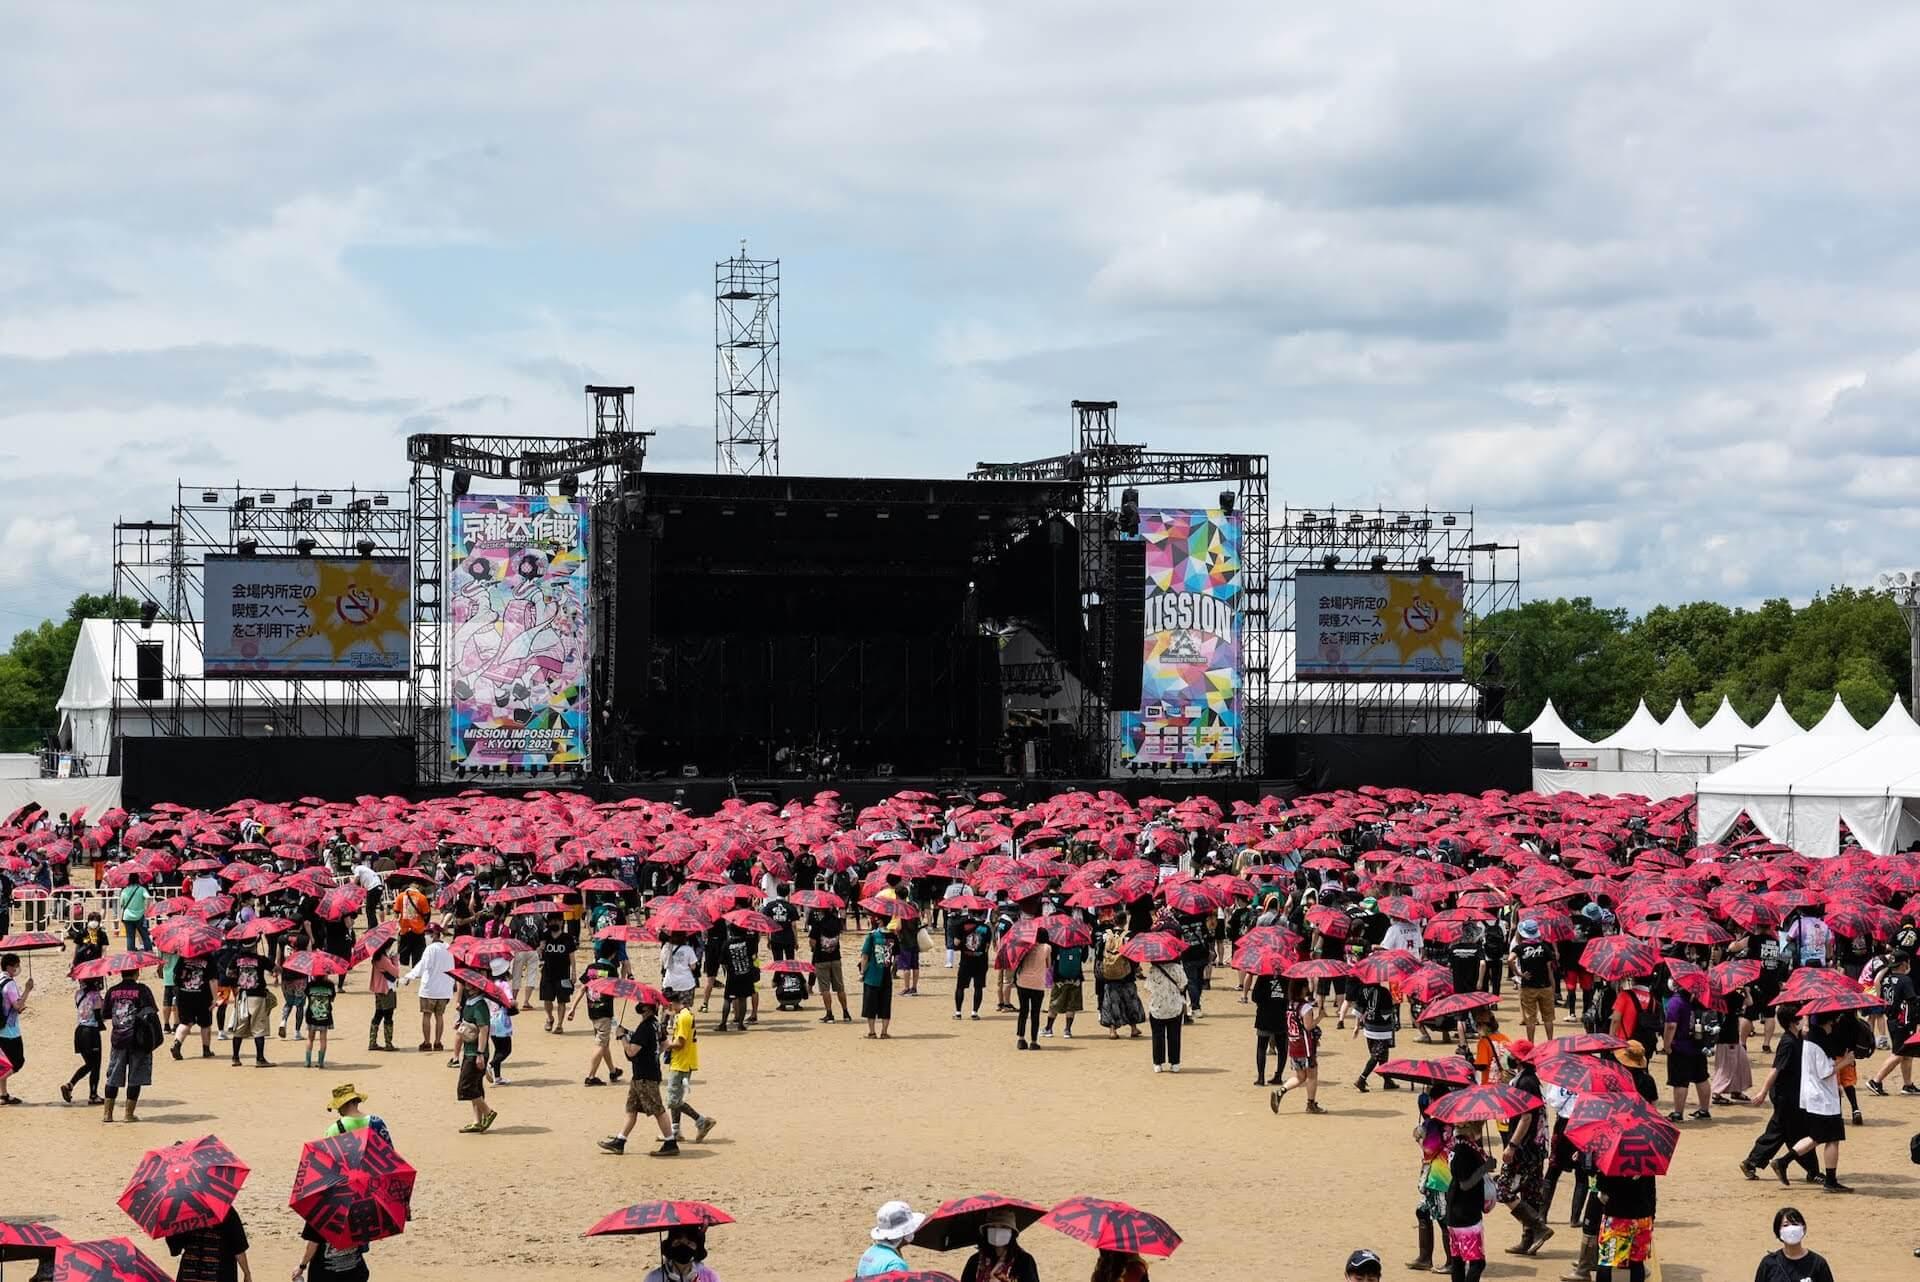 日本最大のフェス情報サイト『Festival Life』とPOCARI SWEATがコラボ企画をスタート!京都大作戦の現地レポートも music210805_pocari-sweat-08